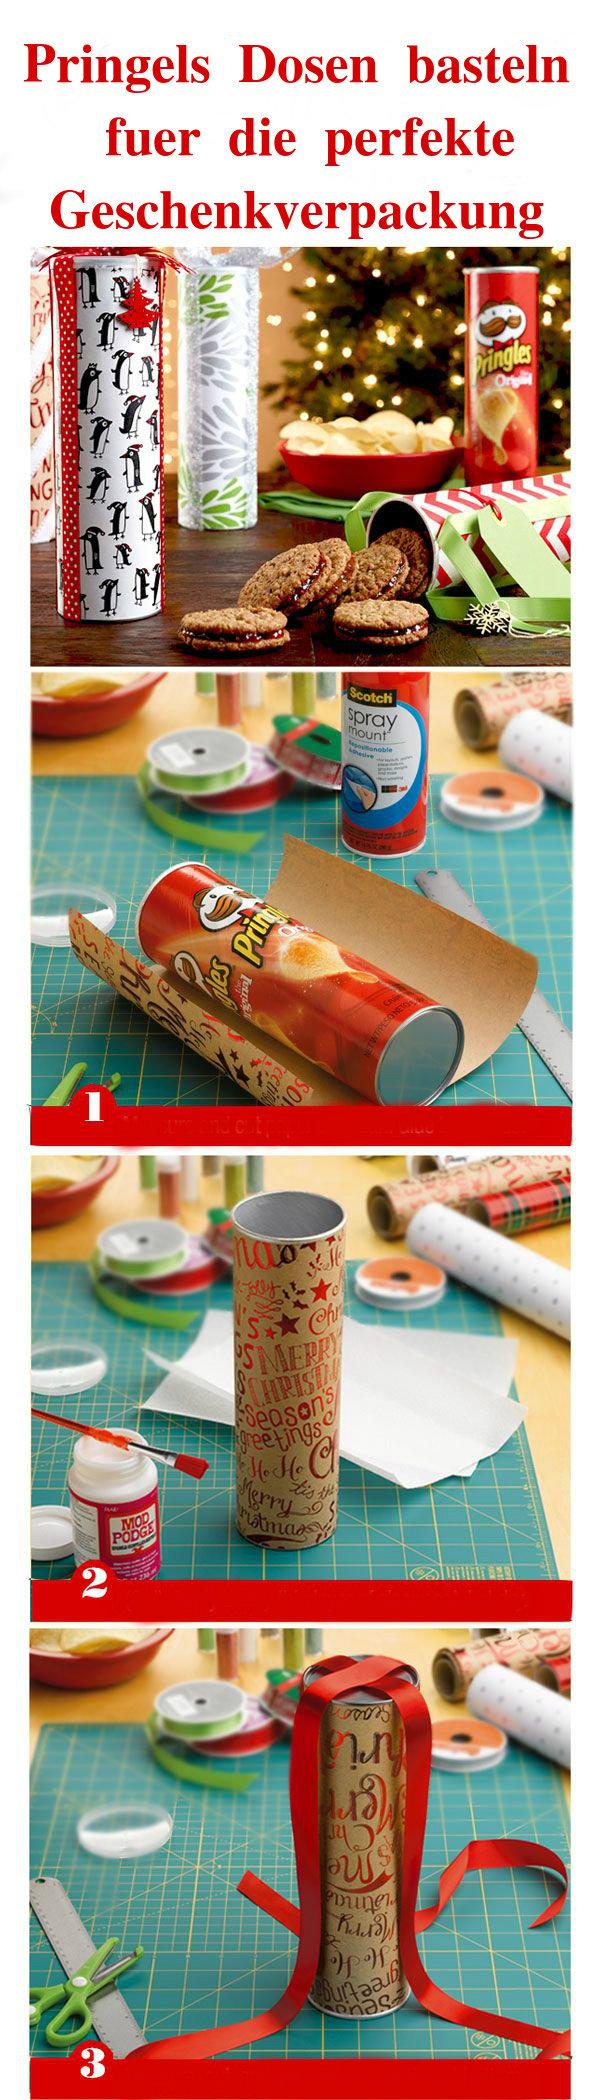 Pringles Dosen basteln für das perfekte Weihnachtsgeschenk